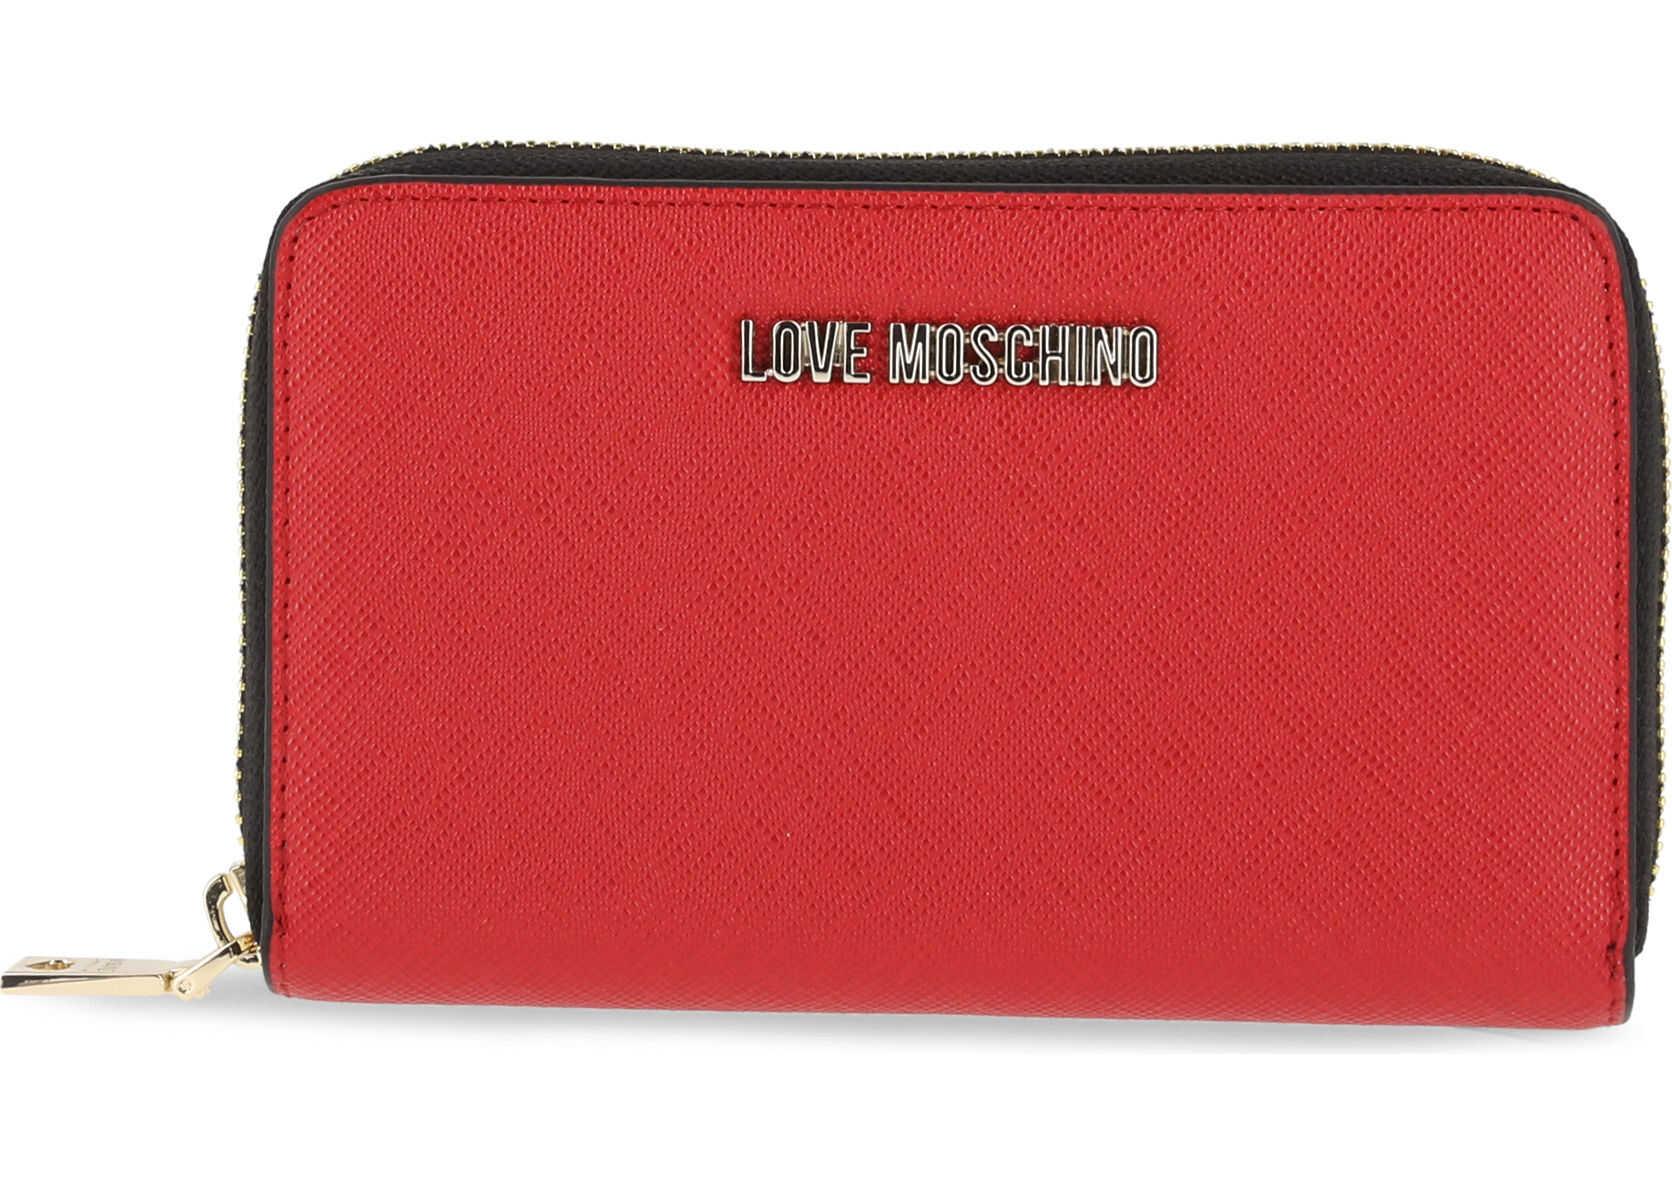 LOVE Moschino Jc5559Pp16Lq Red